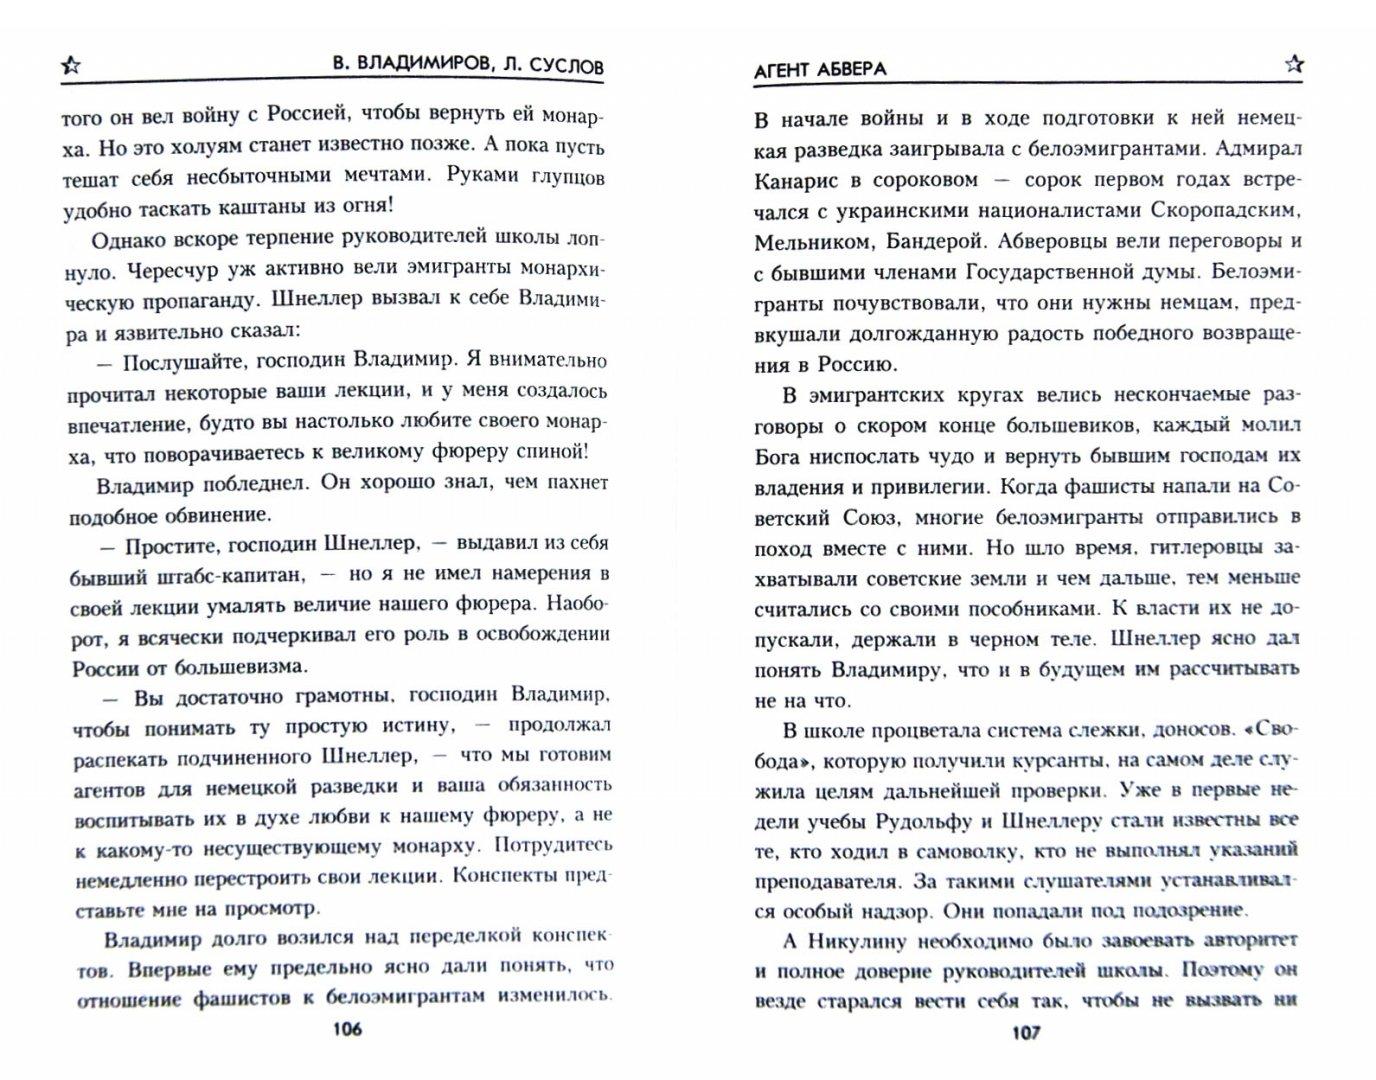 Иллюстрация 1 из 12 для Агент абвера - Владимиров, Суслов | Лабиринт - книги. Источник: Лабиринт